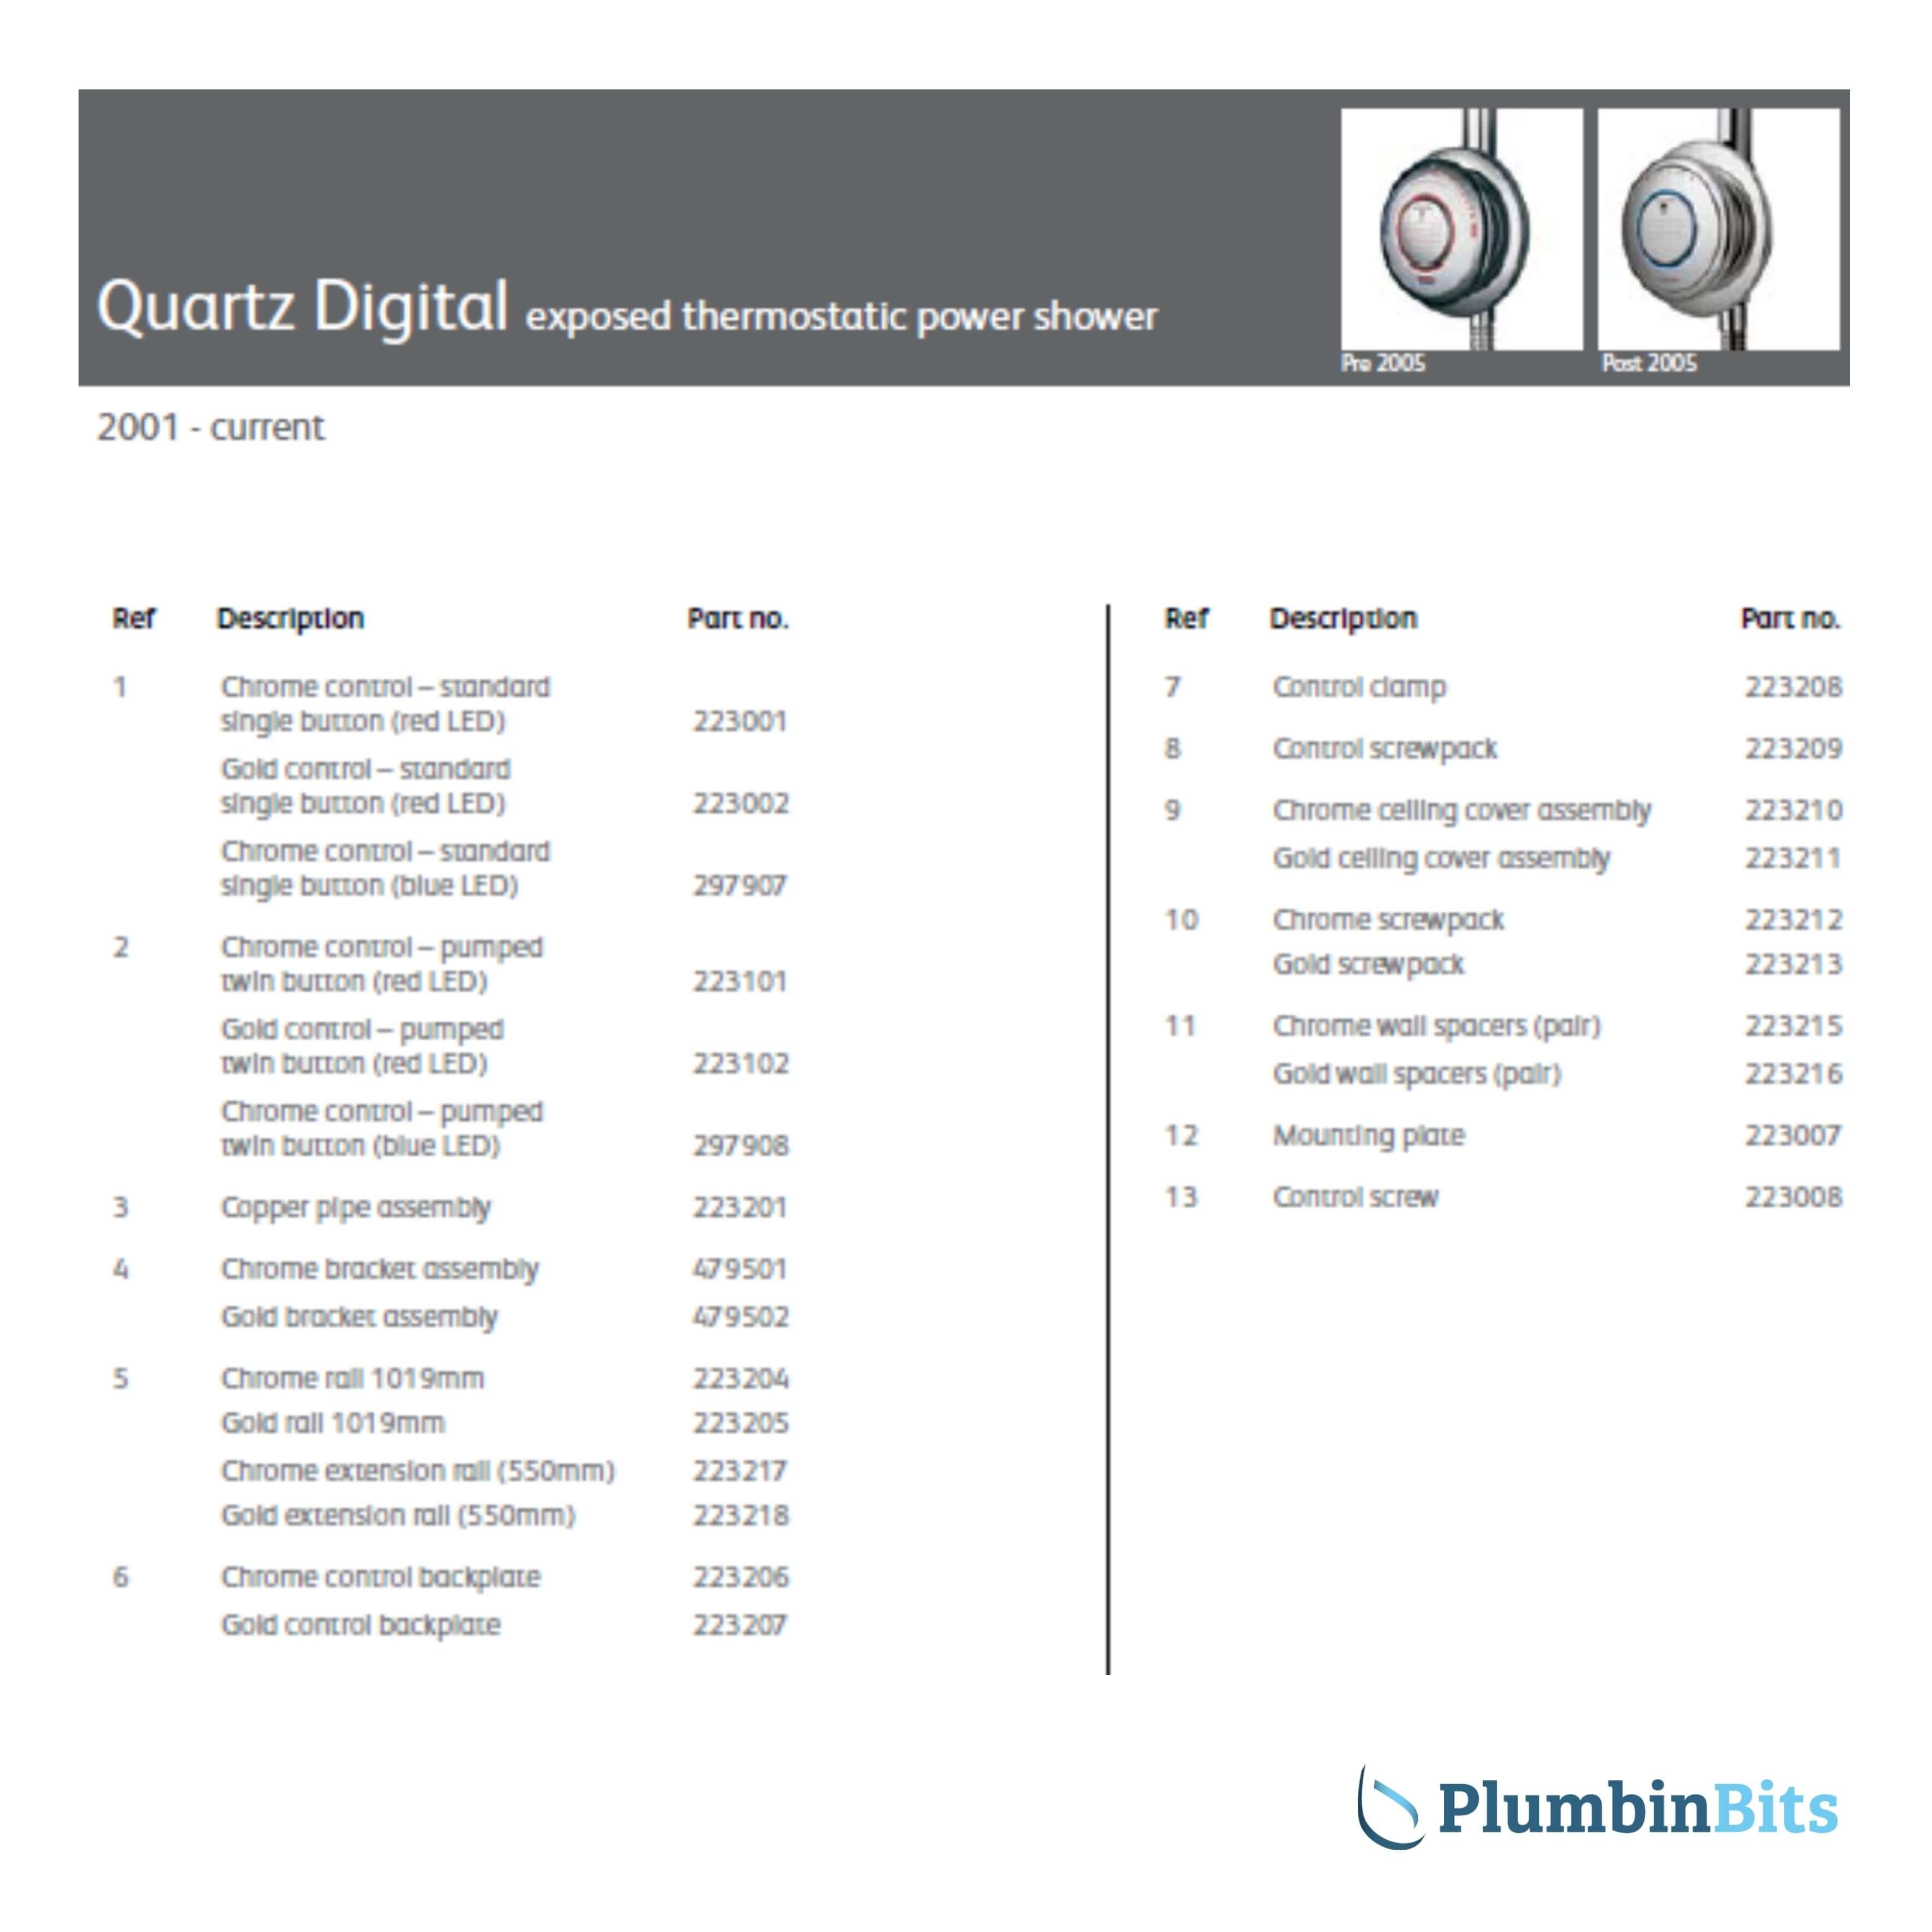 Aqualisa Quartz Parts list